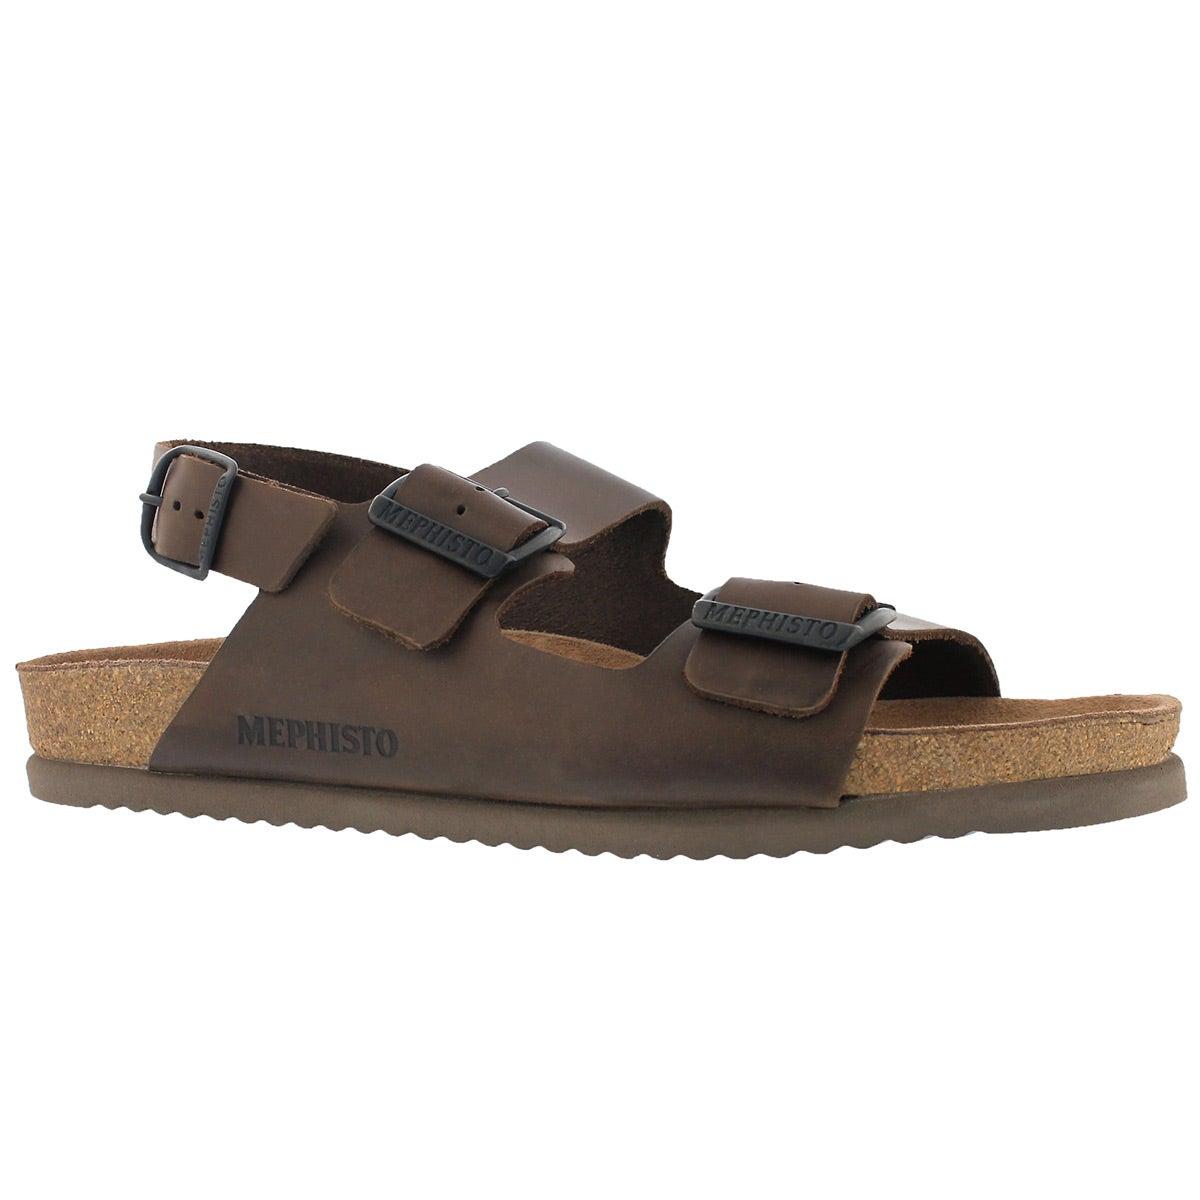 Men's NARDO brown cork footbed sandals